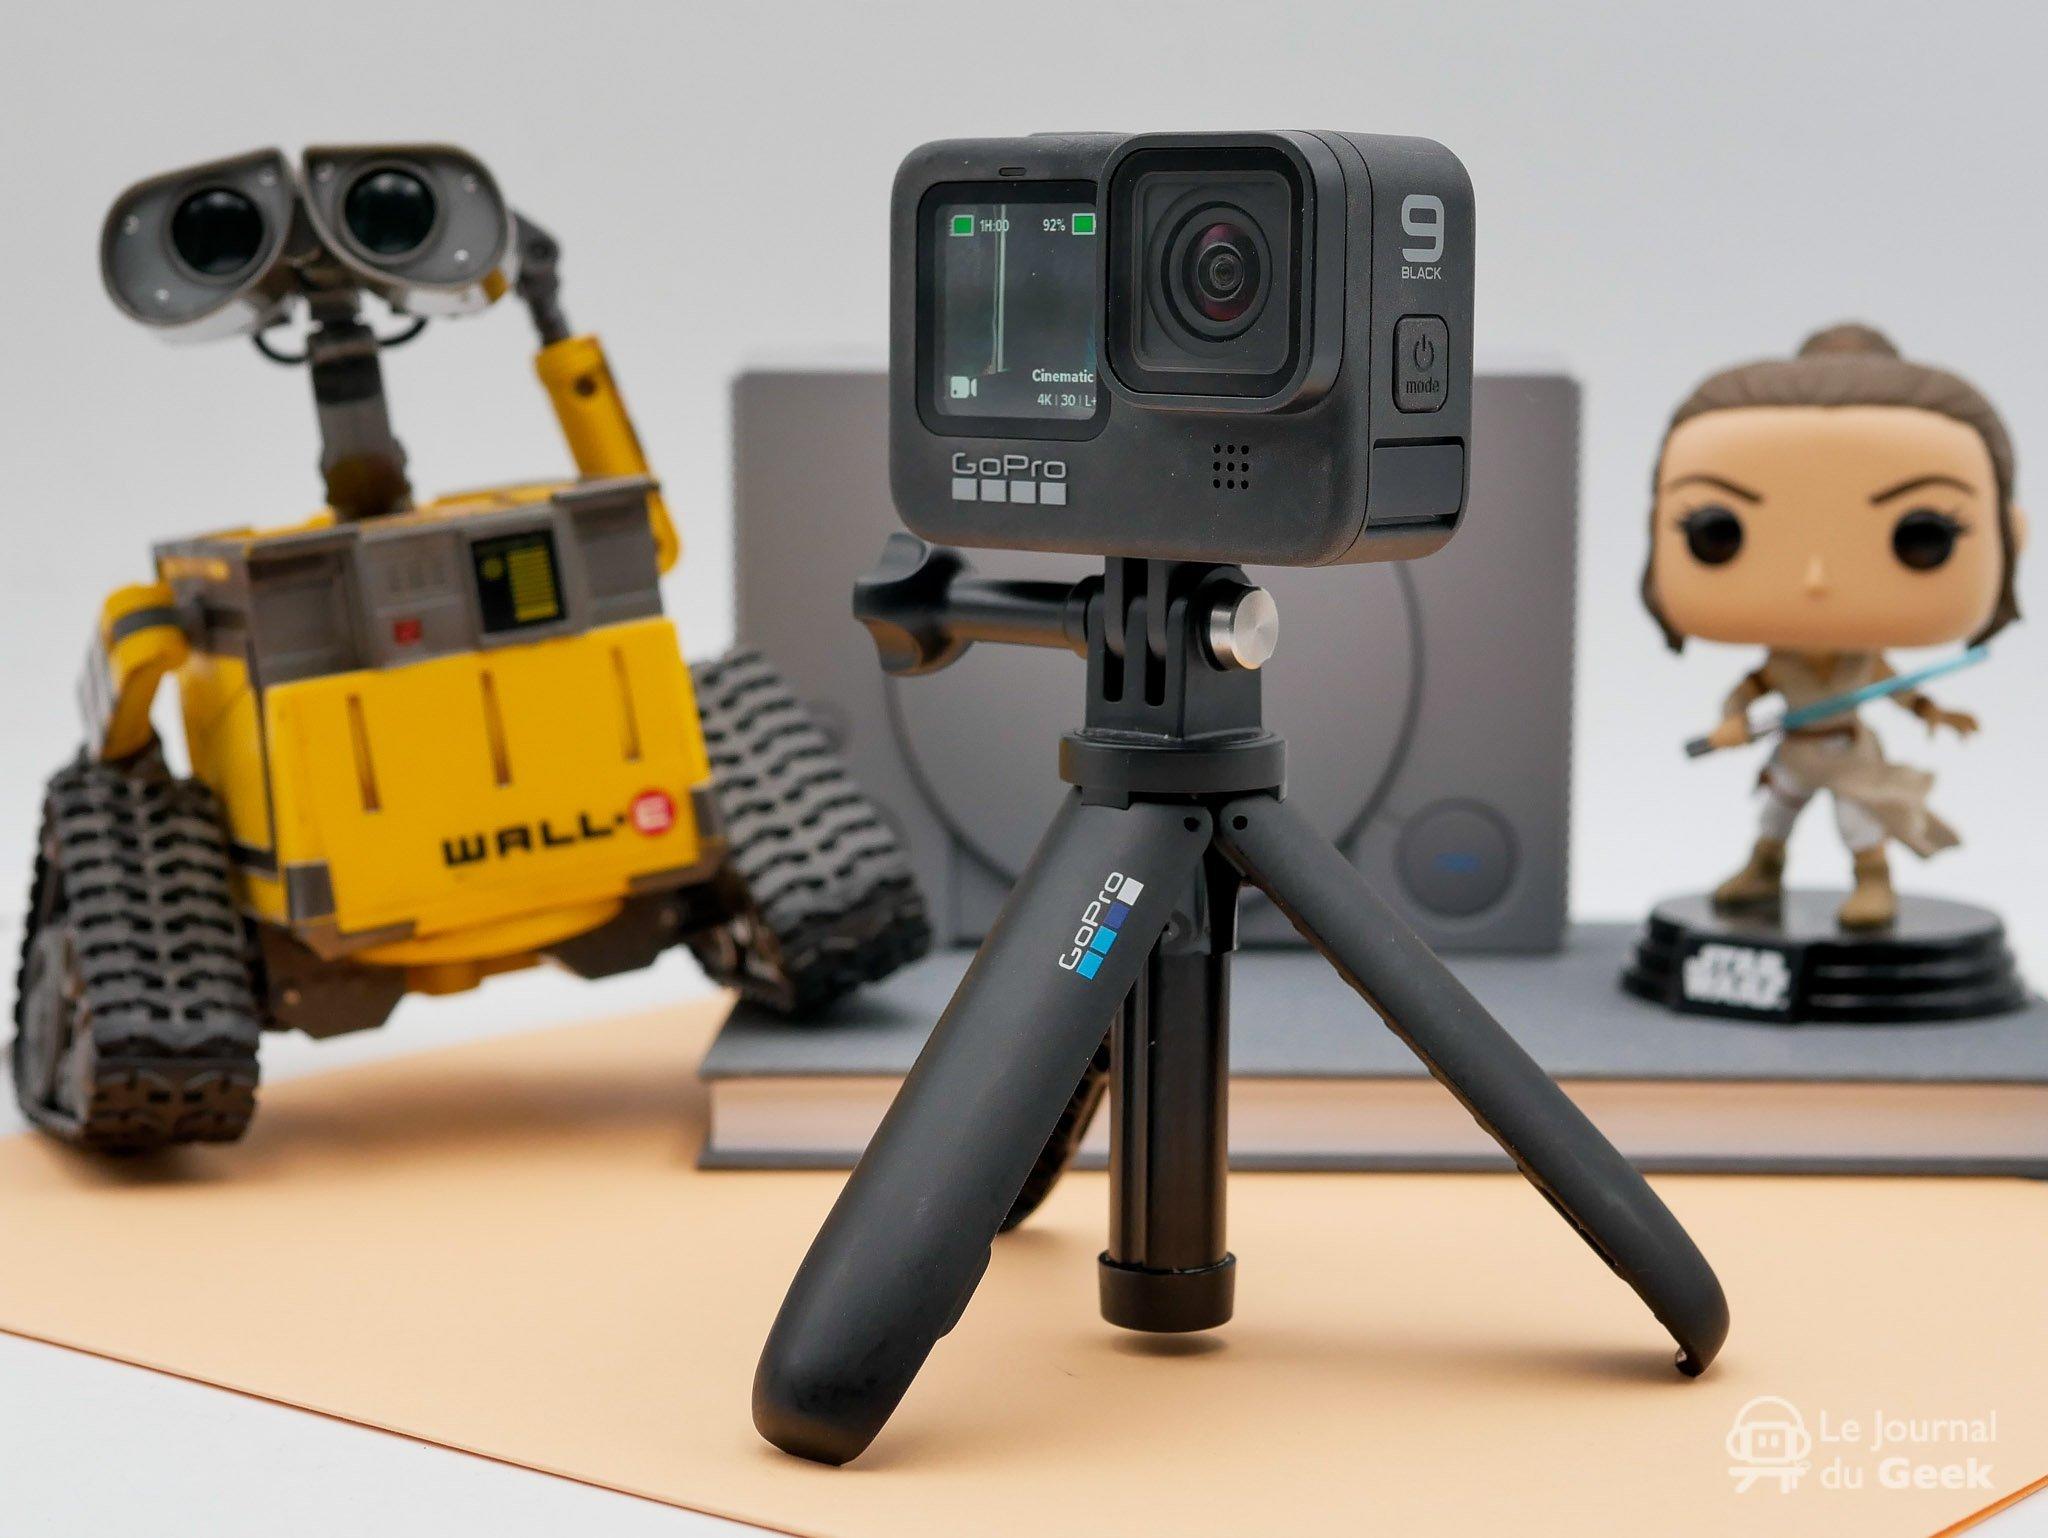 [Super Deals] Grosse chute de prix de la GoPro Hero 9 à seulement 239€ - Journal du geek